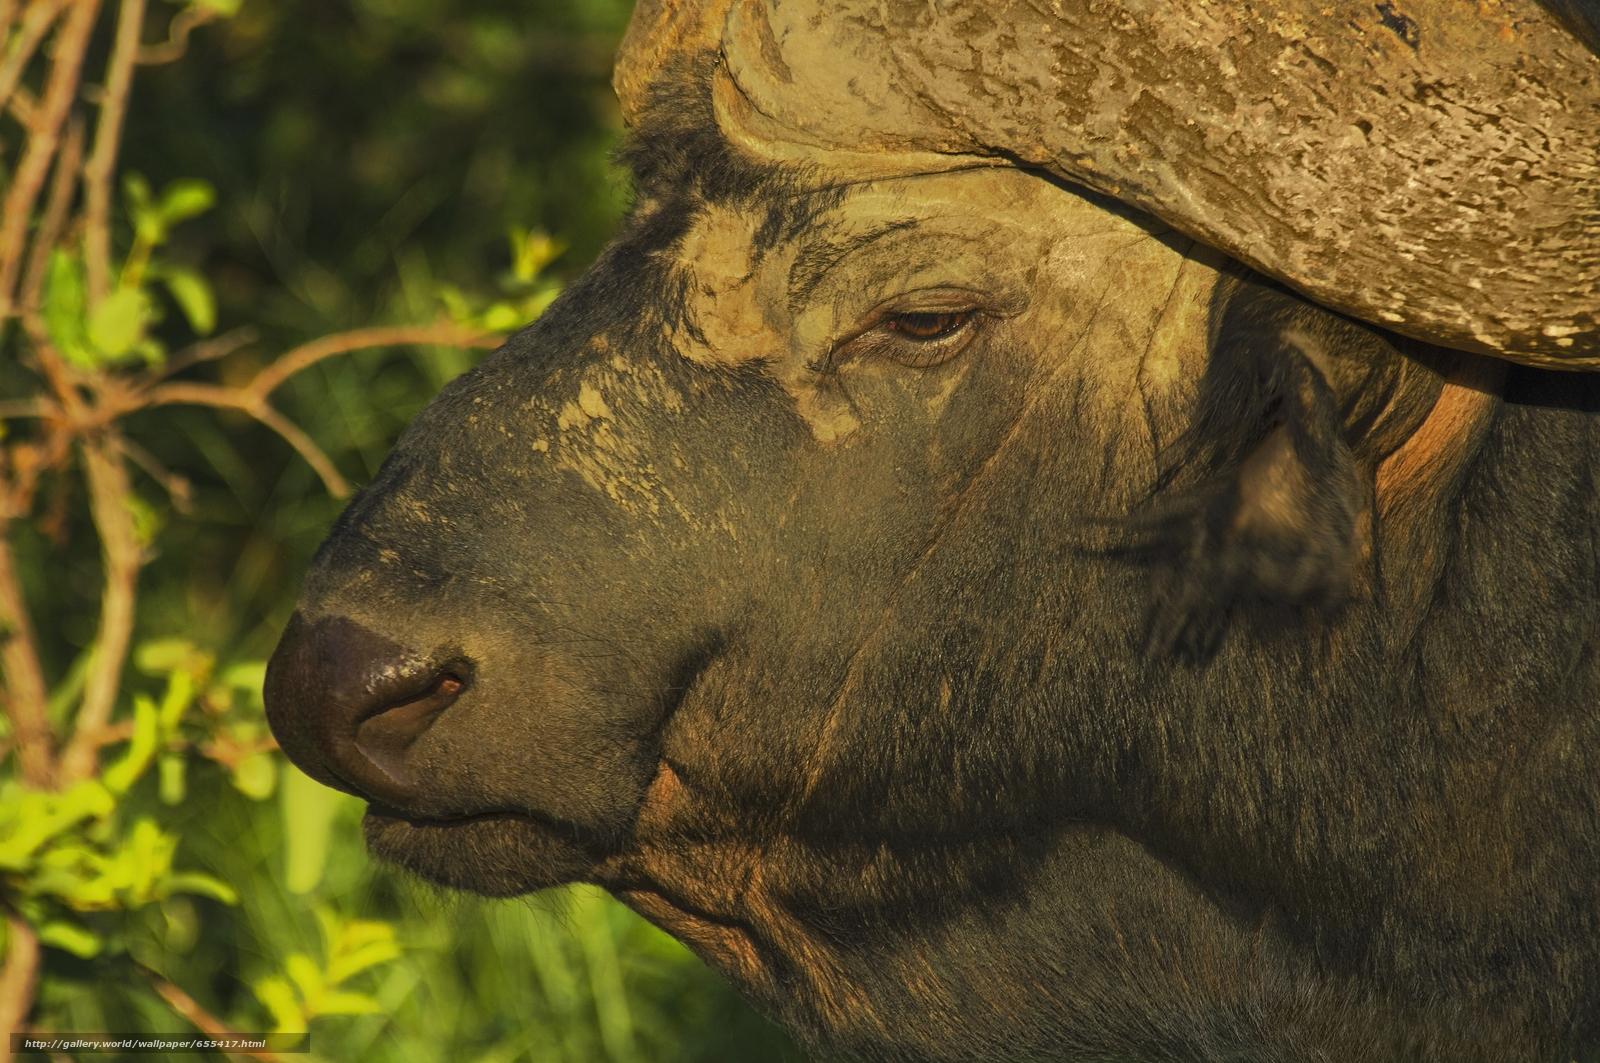 壁紙をダウンロード アフリカ,  アフリカの動物,  フォトsketchings博物学,  バッファロー デスクトップの解像度のための無料壁紙 5619x3732 — 絵 №655417